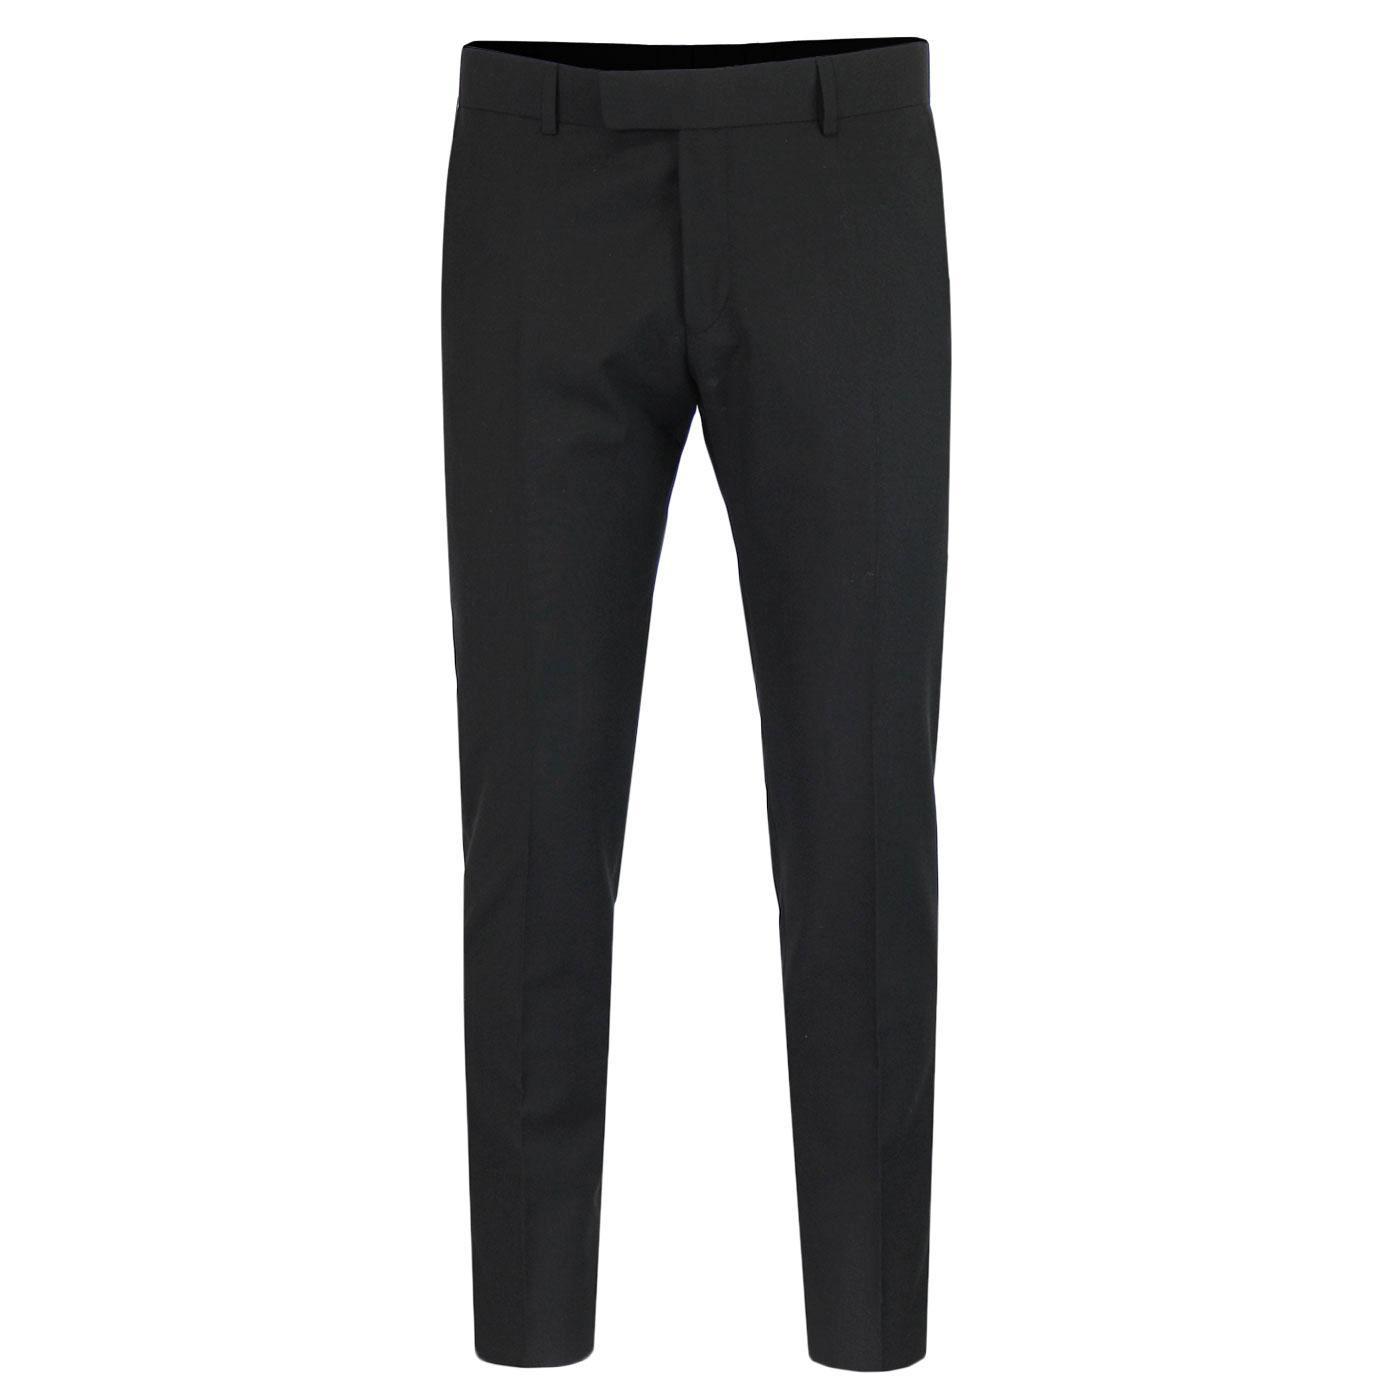 MADCAP ENGLAND Mod Mohair Suit Trousers (Black)